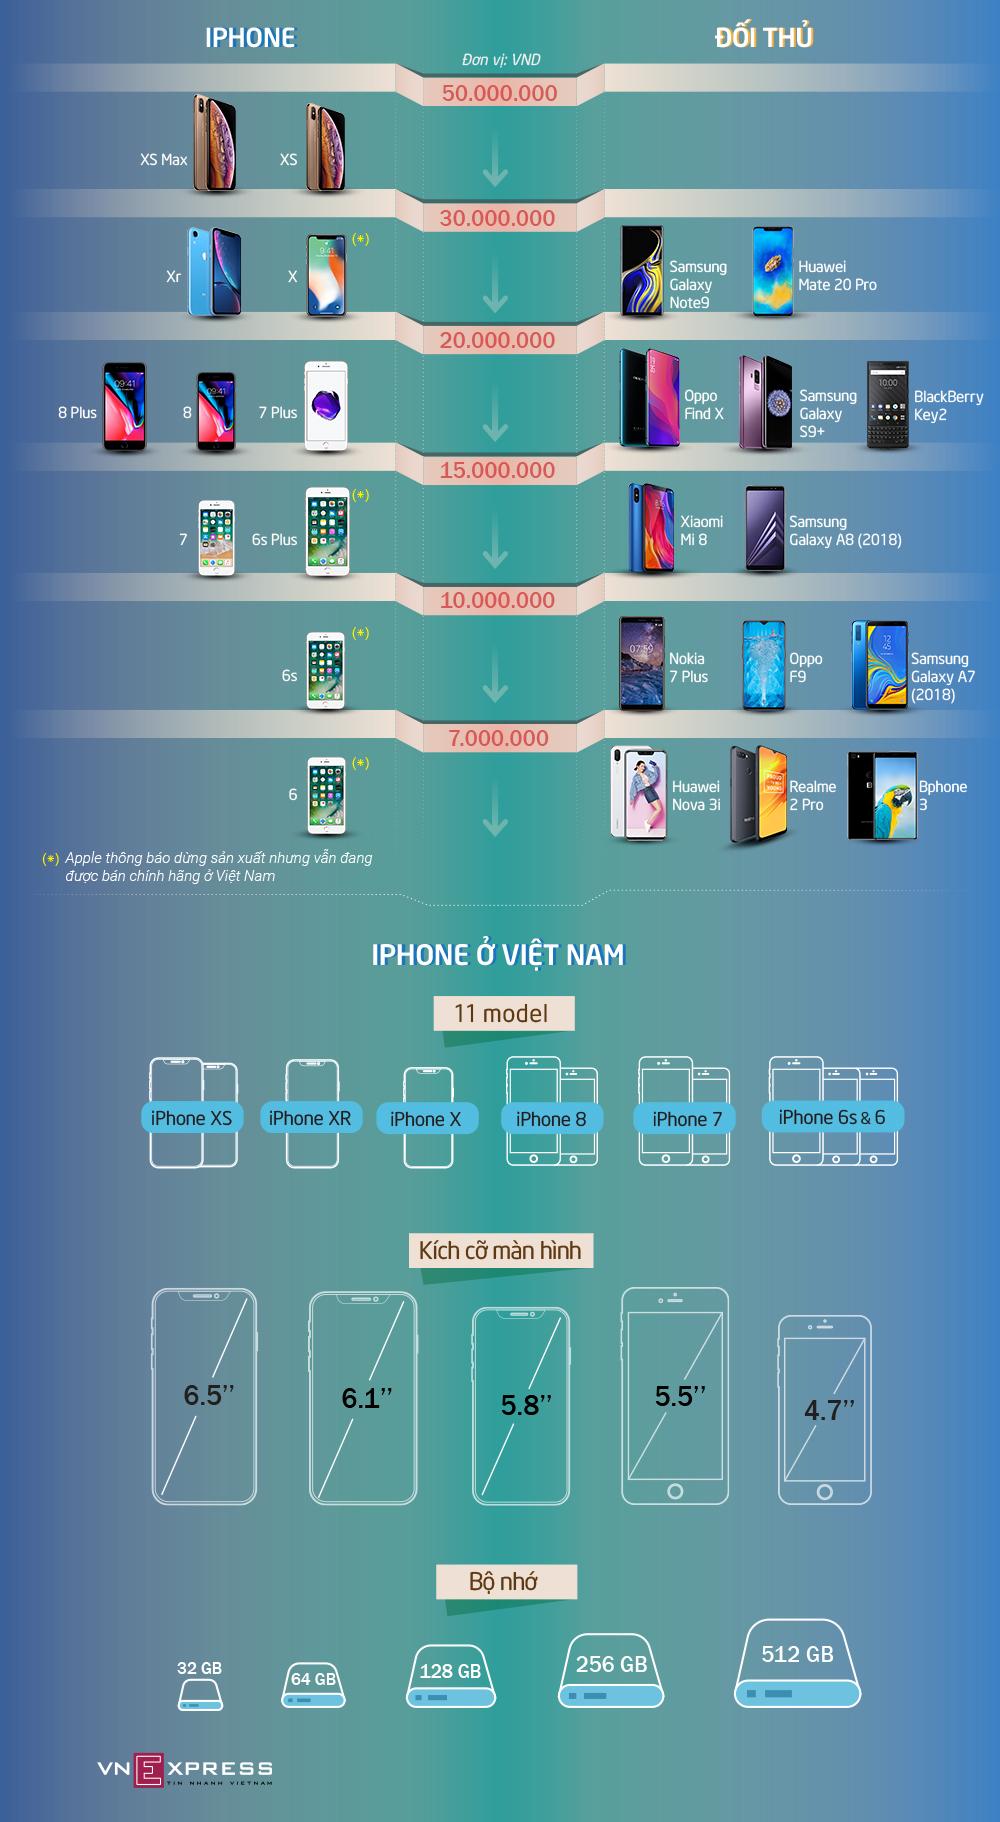 iPhone 'đối đầu' smartphone Android trên mọi phân khúc giá